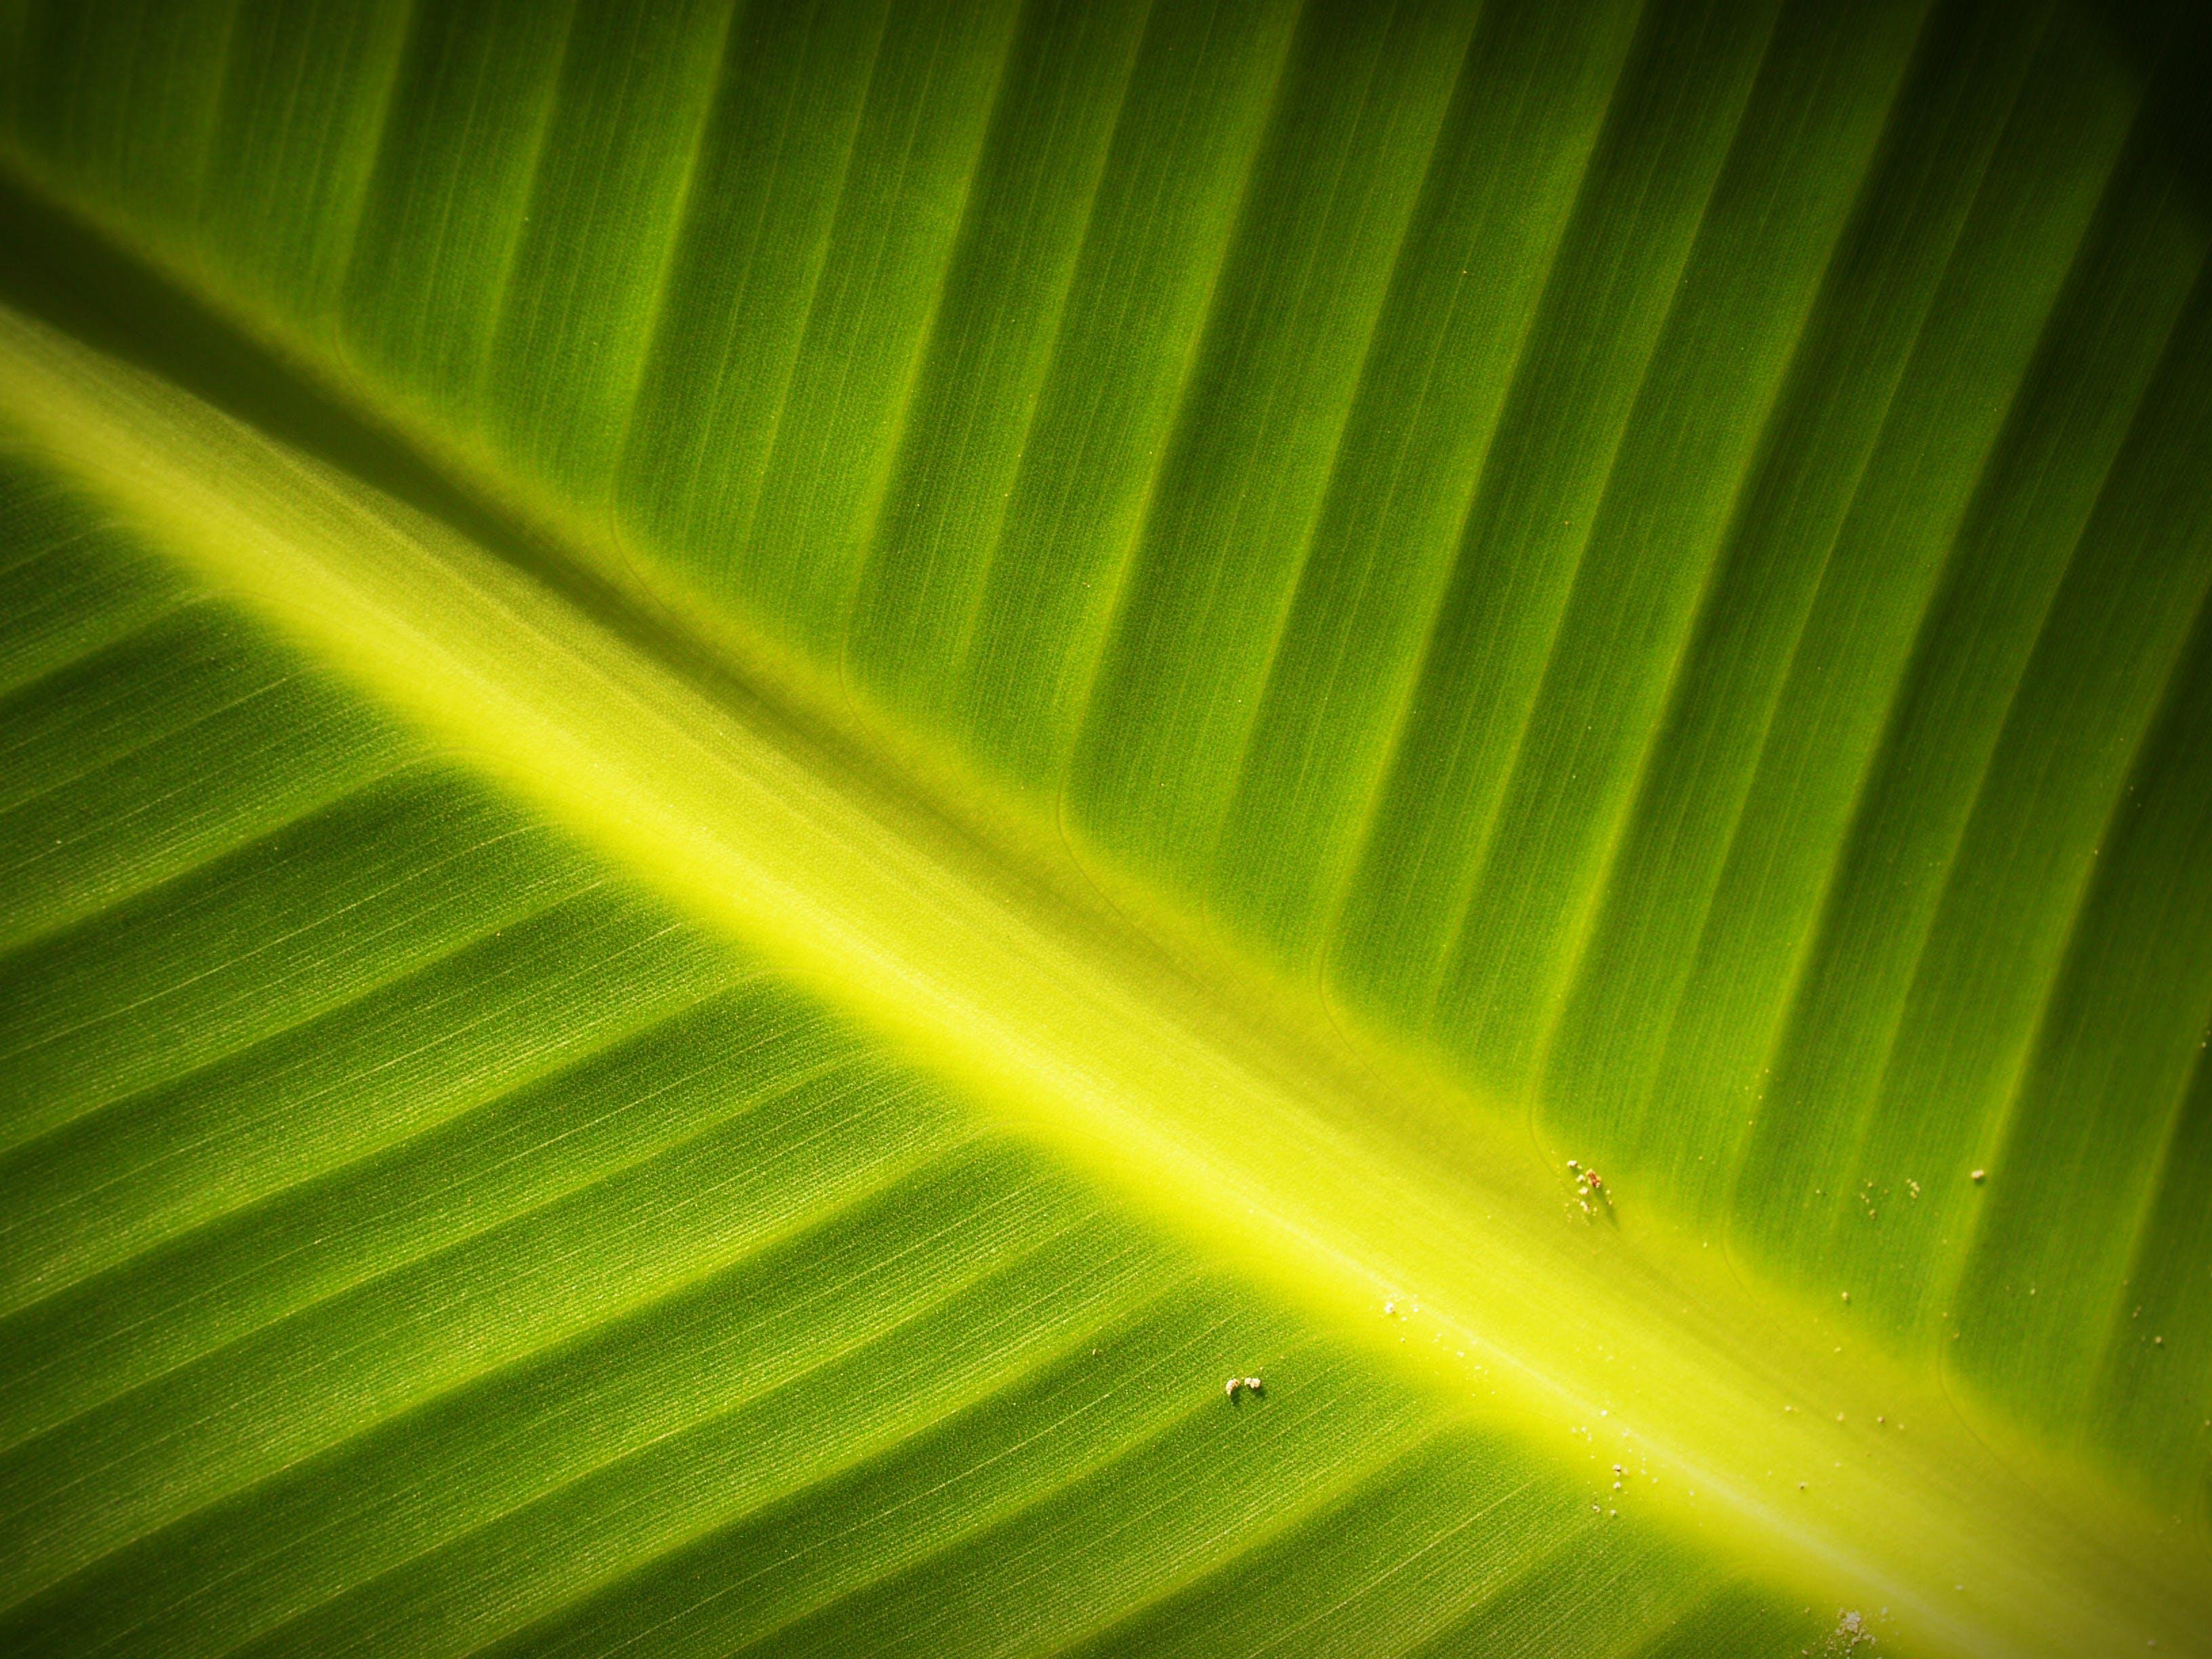 Kostenloses Stock Foto zu frisch, grün, muster, nahansicht